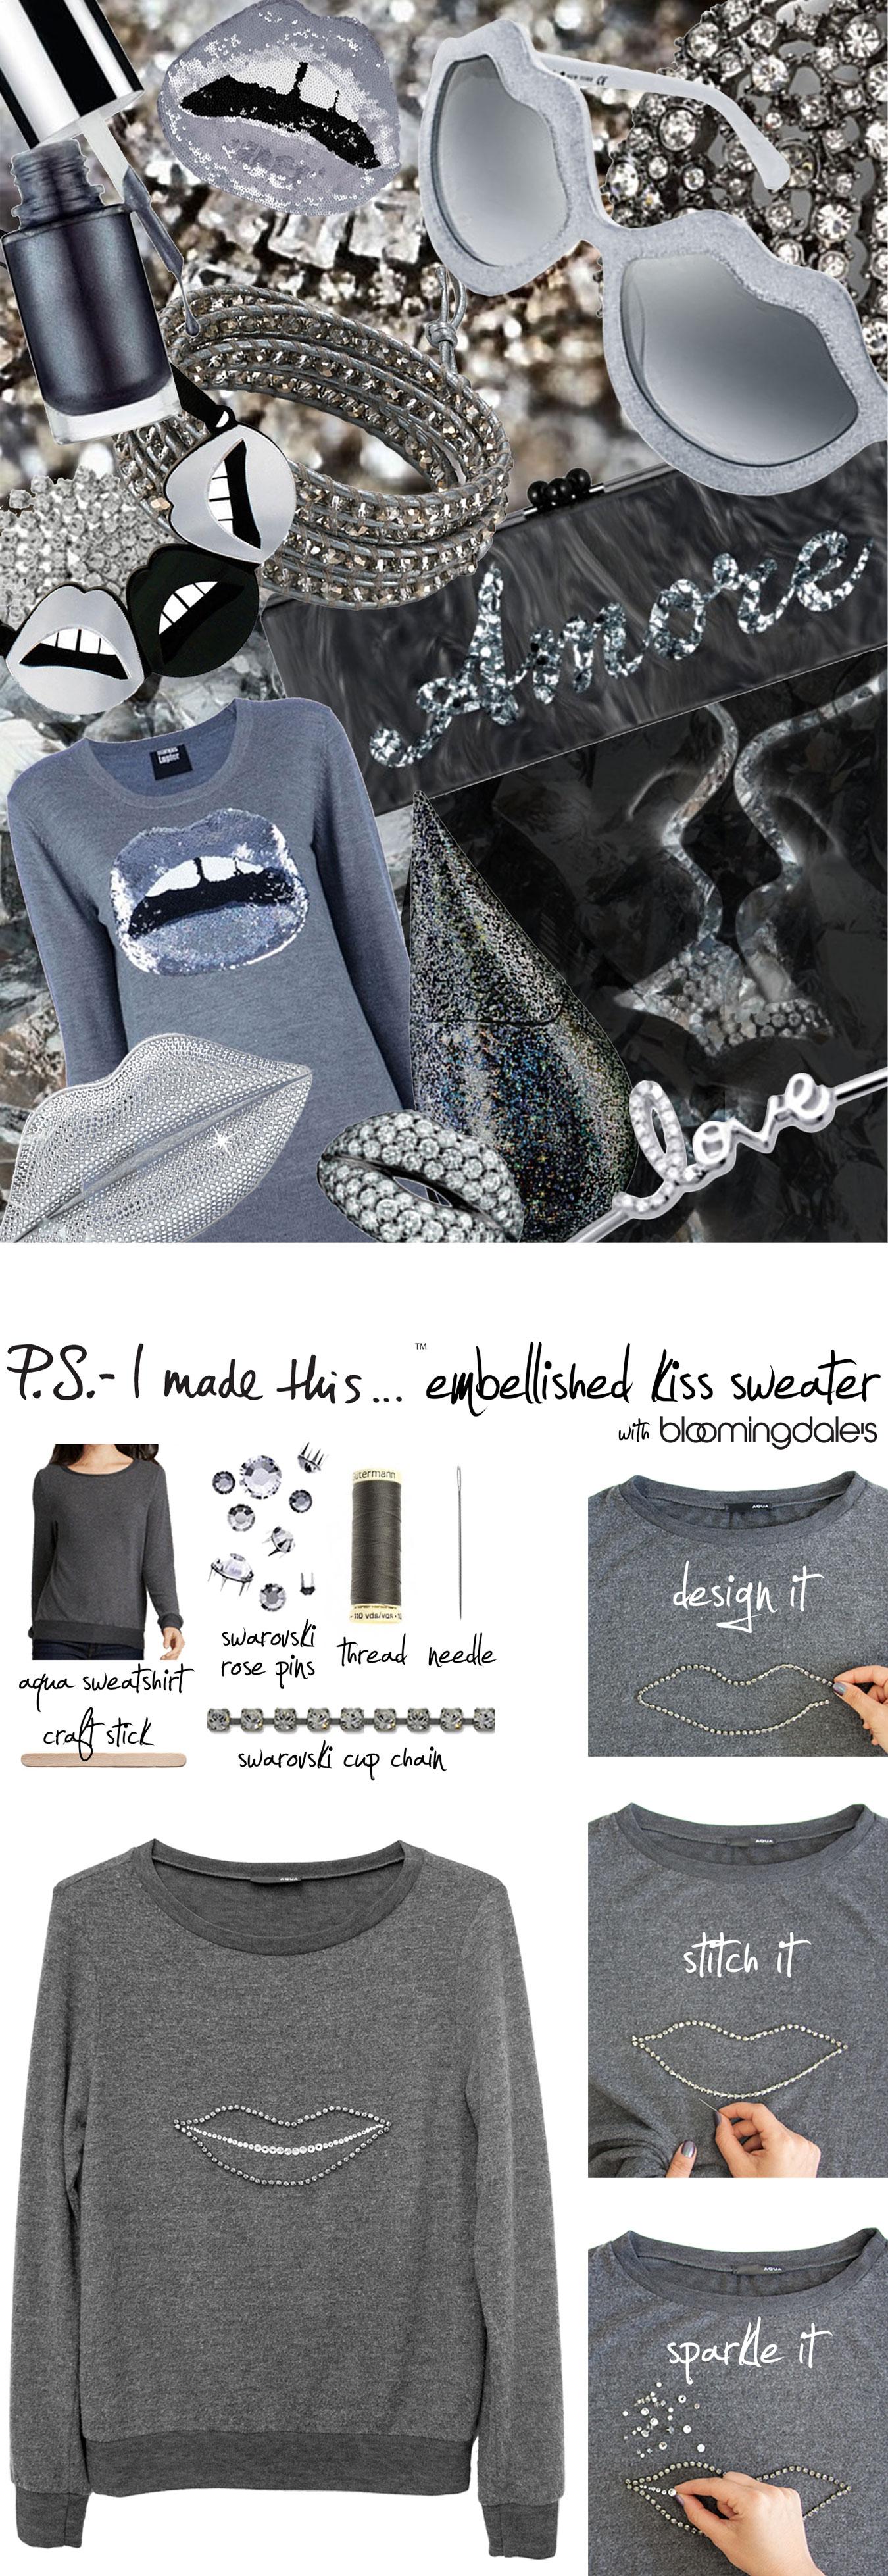 09.16.13_BLOOMINGDALES_Sweatshirt-MERGED